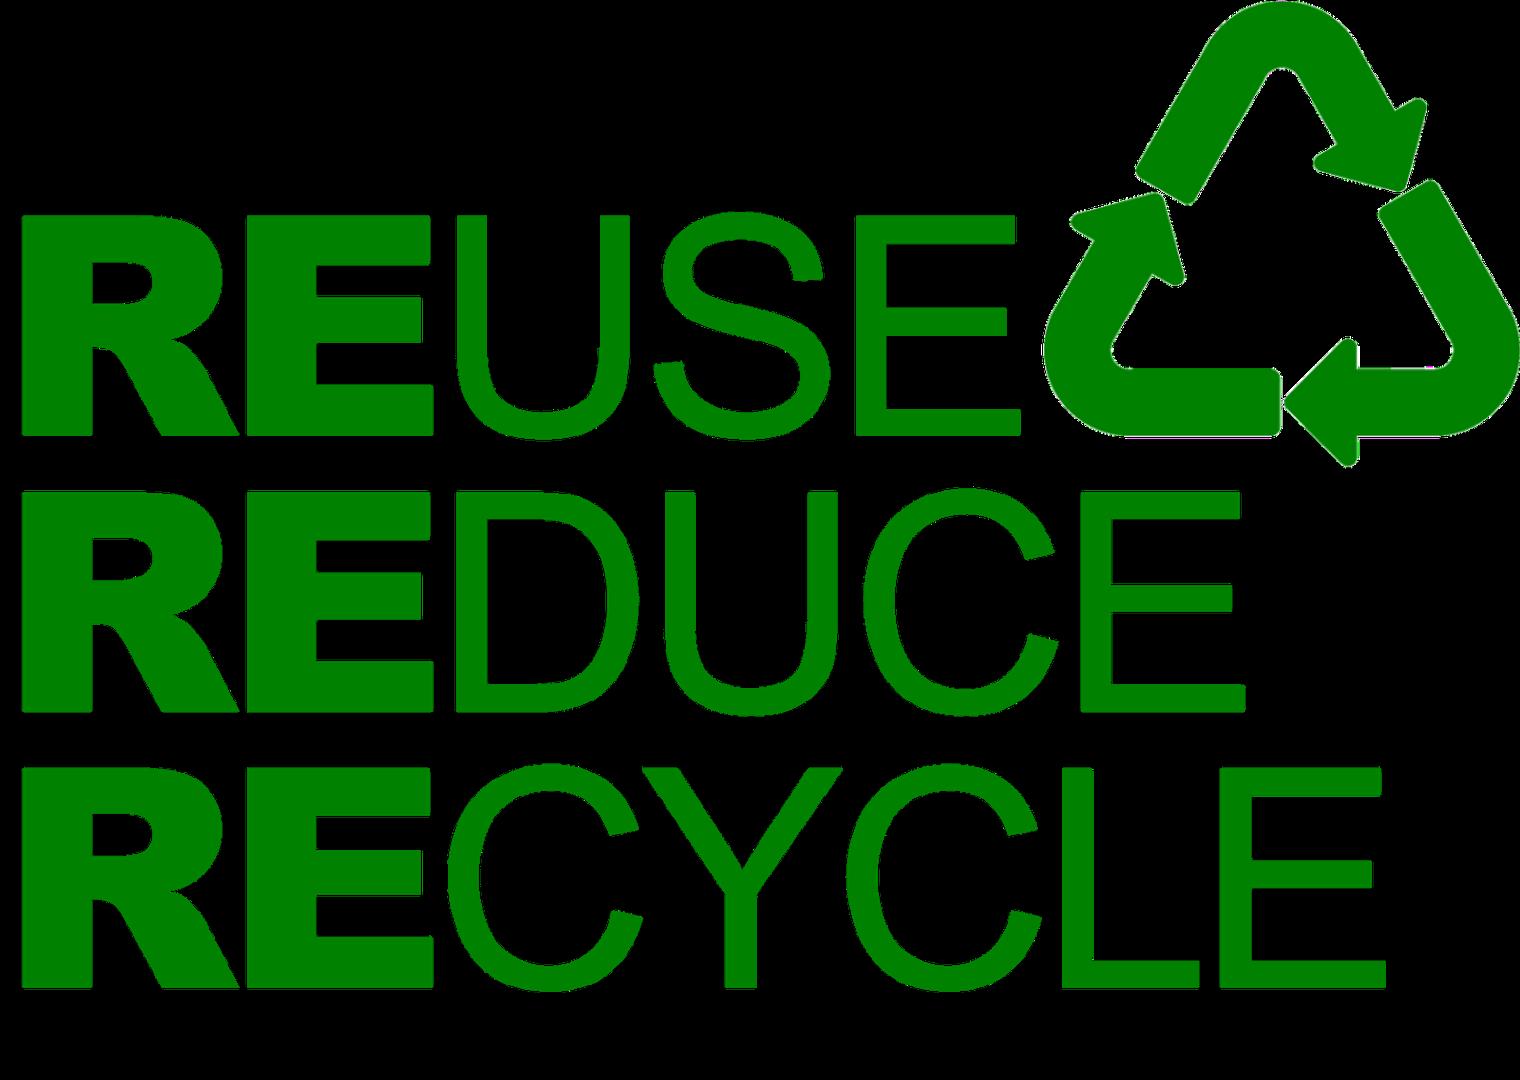 Garbage clipart proper disposal garbage. Computer waste bangalore image